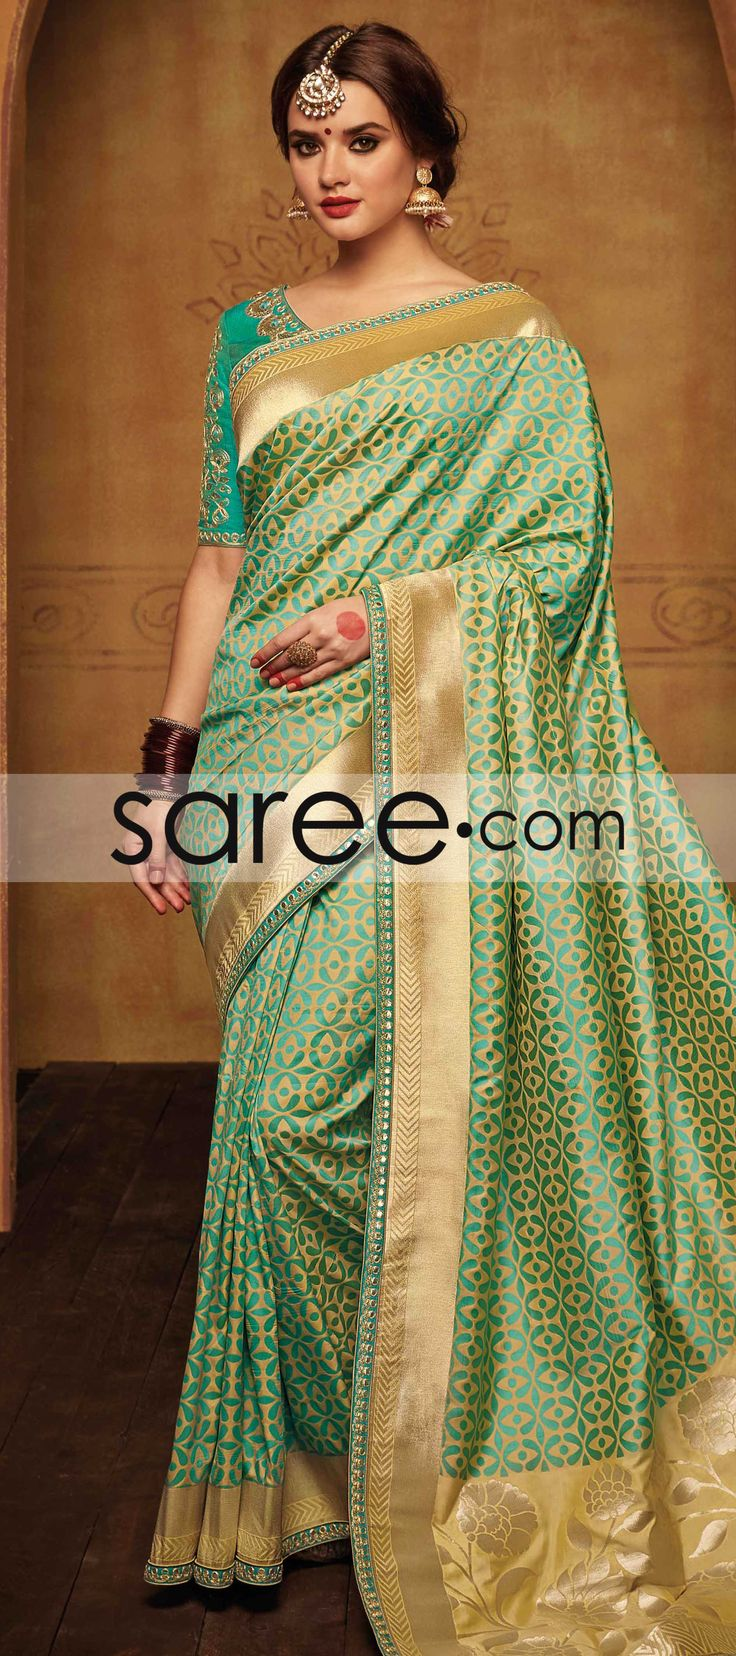 GREEN SILK SAREE WITH WEAVING  #Saree #GeorgetteSarees #IndianSaree #Sarees  #SilkSarees #PartywearSarees #RegularwearSarees #officeWearSarees #WeddingSarees #BuyOnline #OnlieSarees #NetSarees #ChiffonSarees #DesignerSarees #SareeFashion